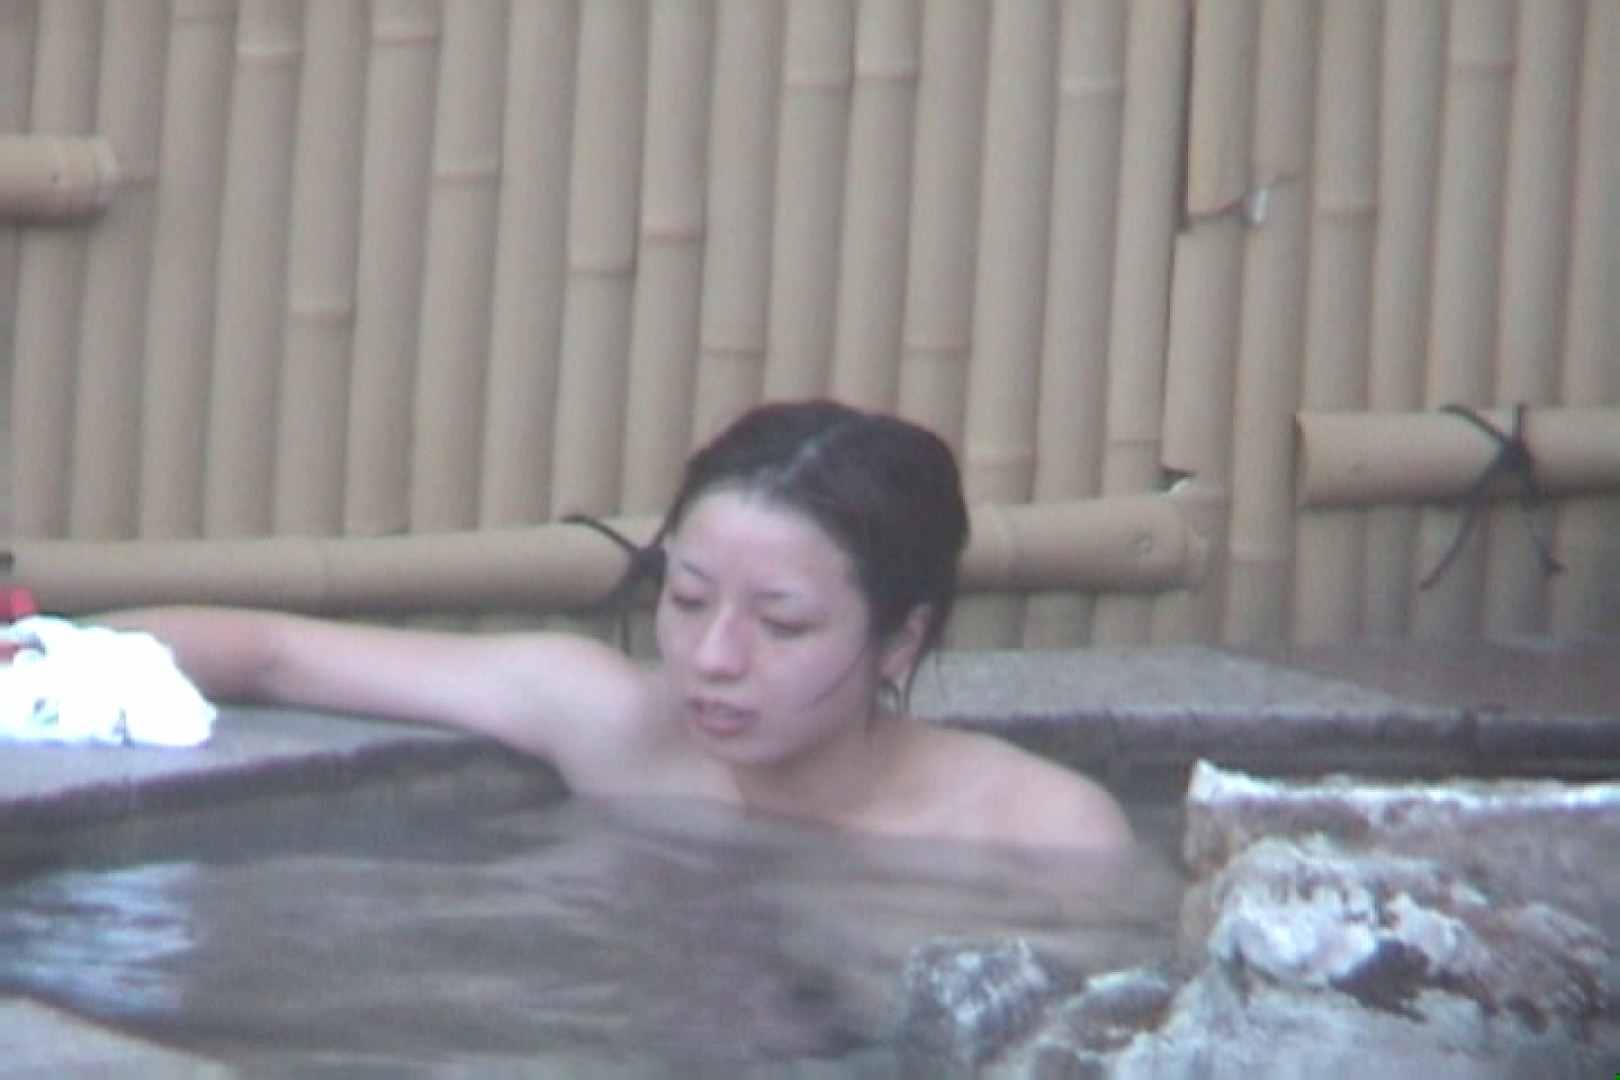 Aquaな露天風呂Vol.608 露天風呂  69連発 39